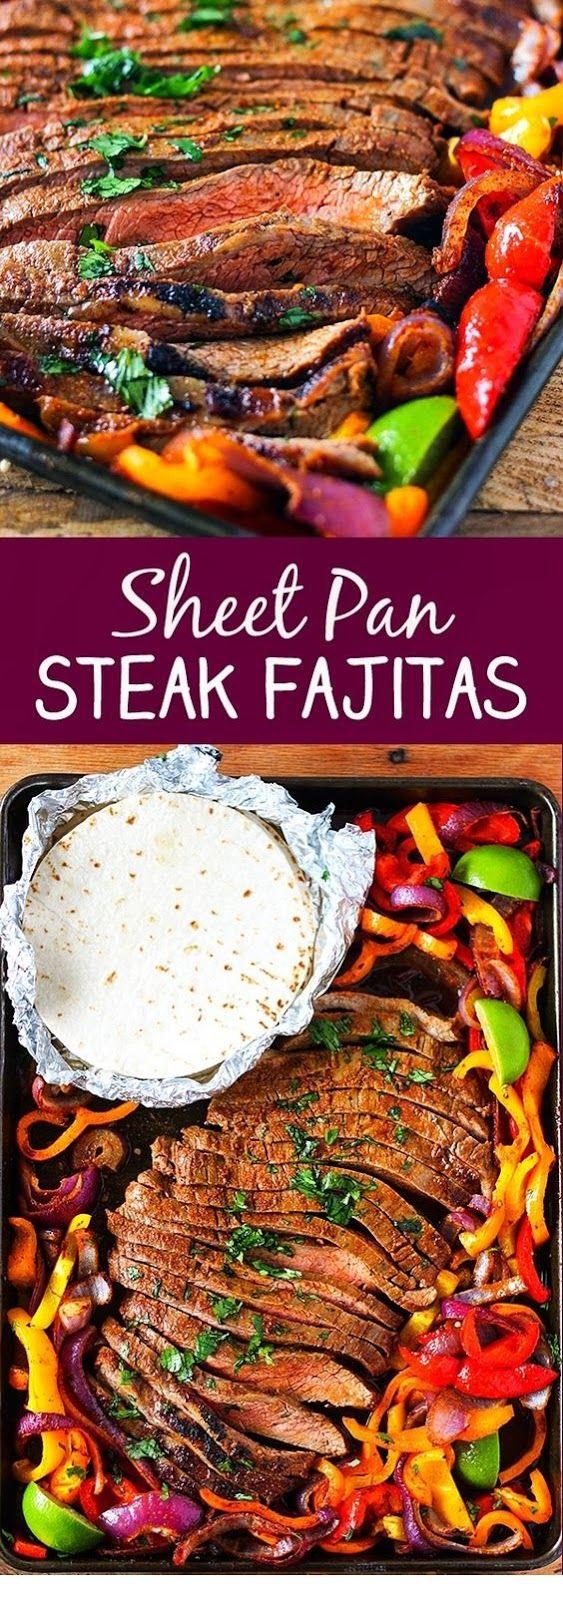 Sheet Pan Steak Fajitas #beefsteakrecipe